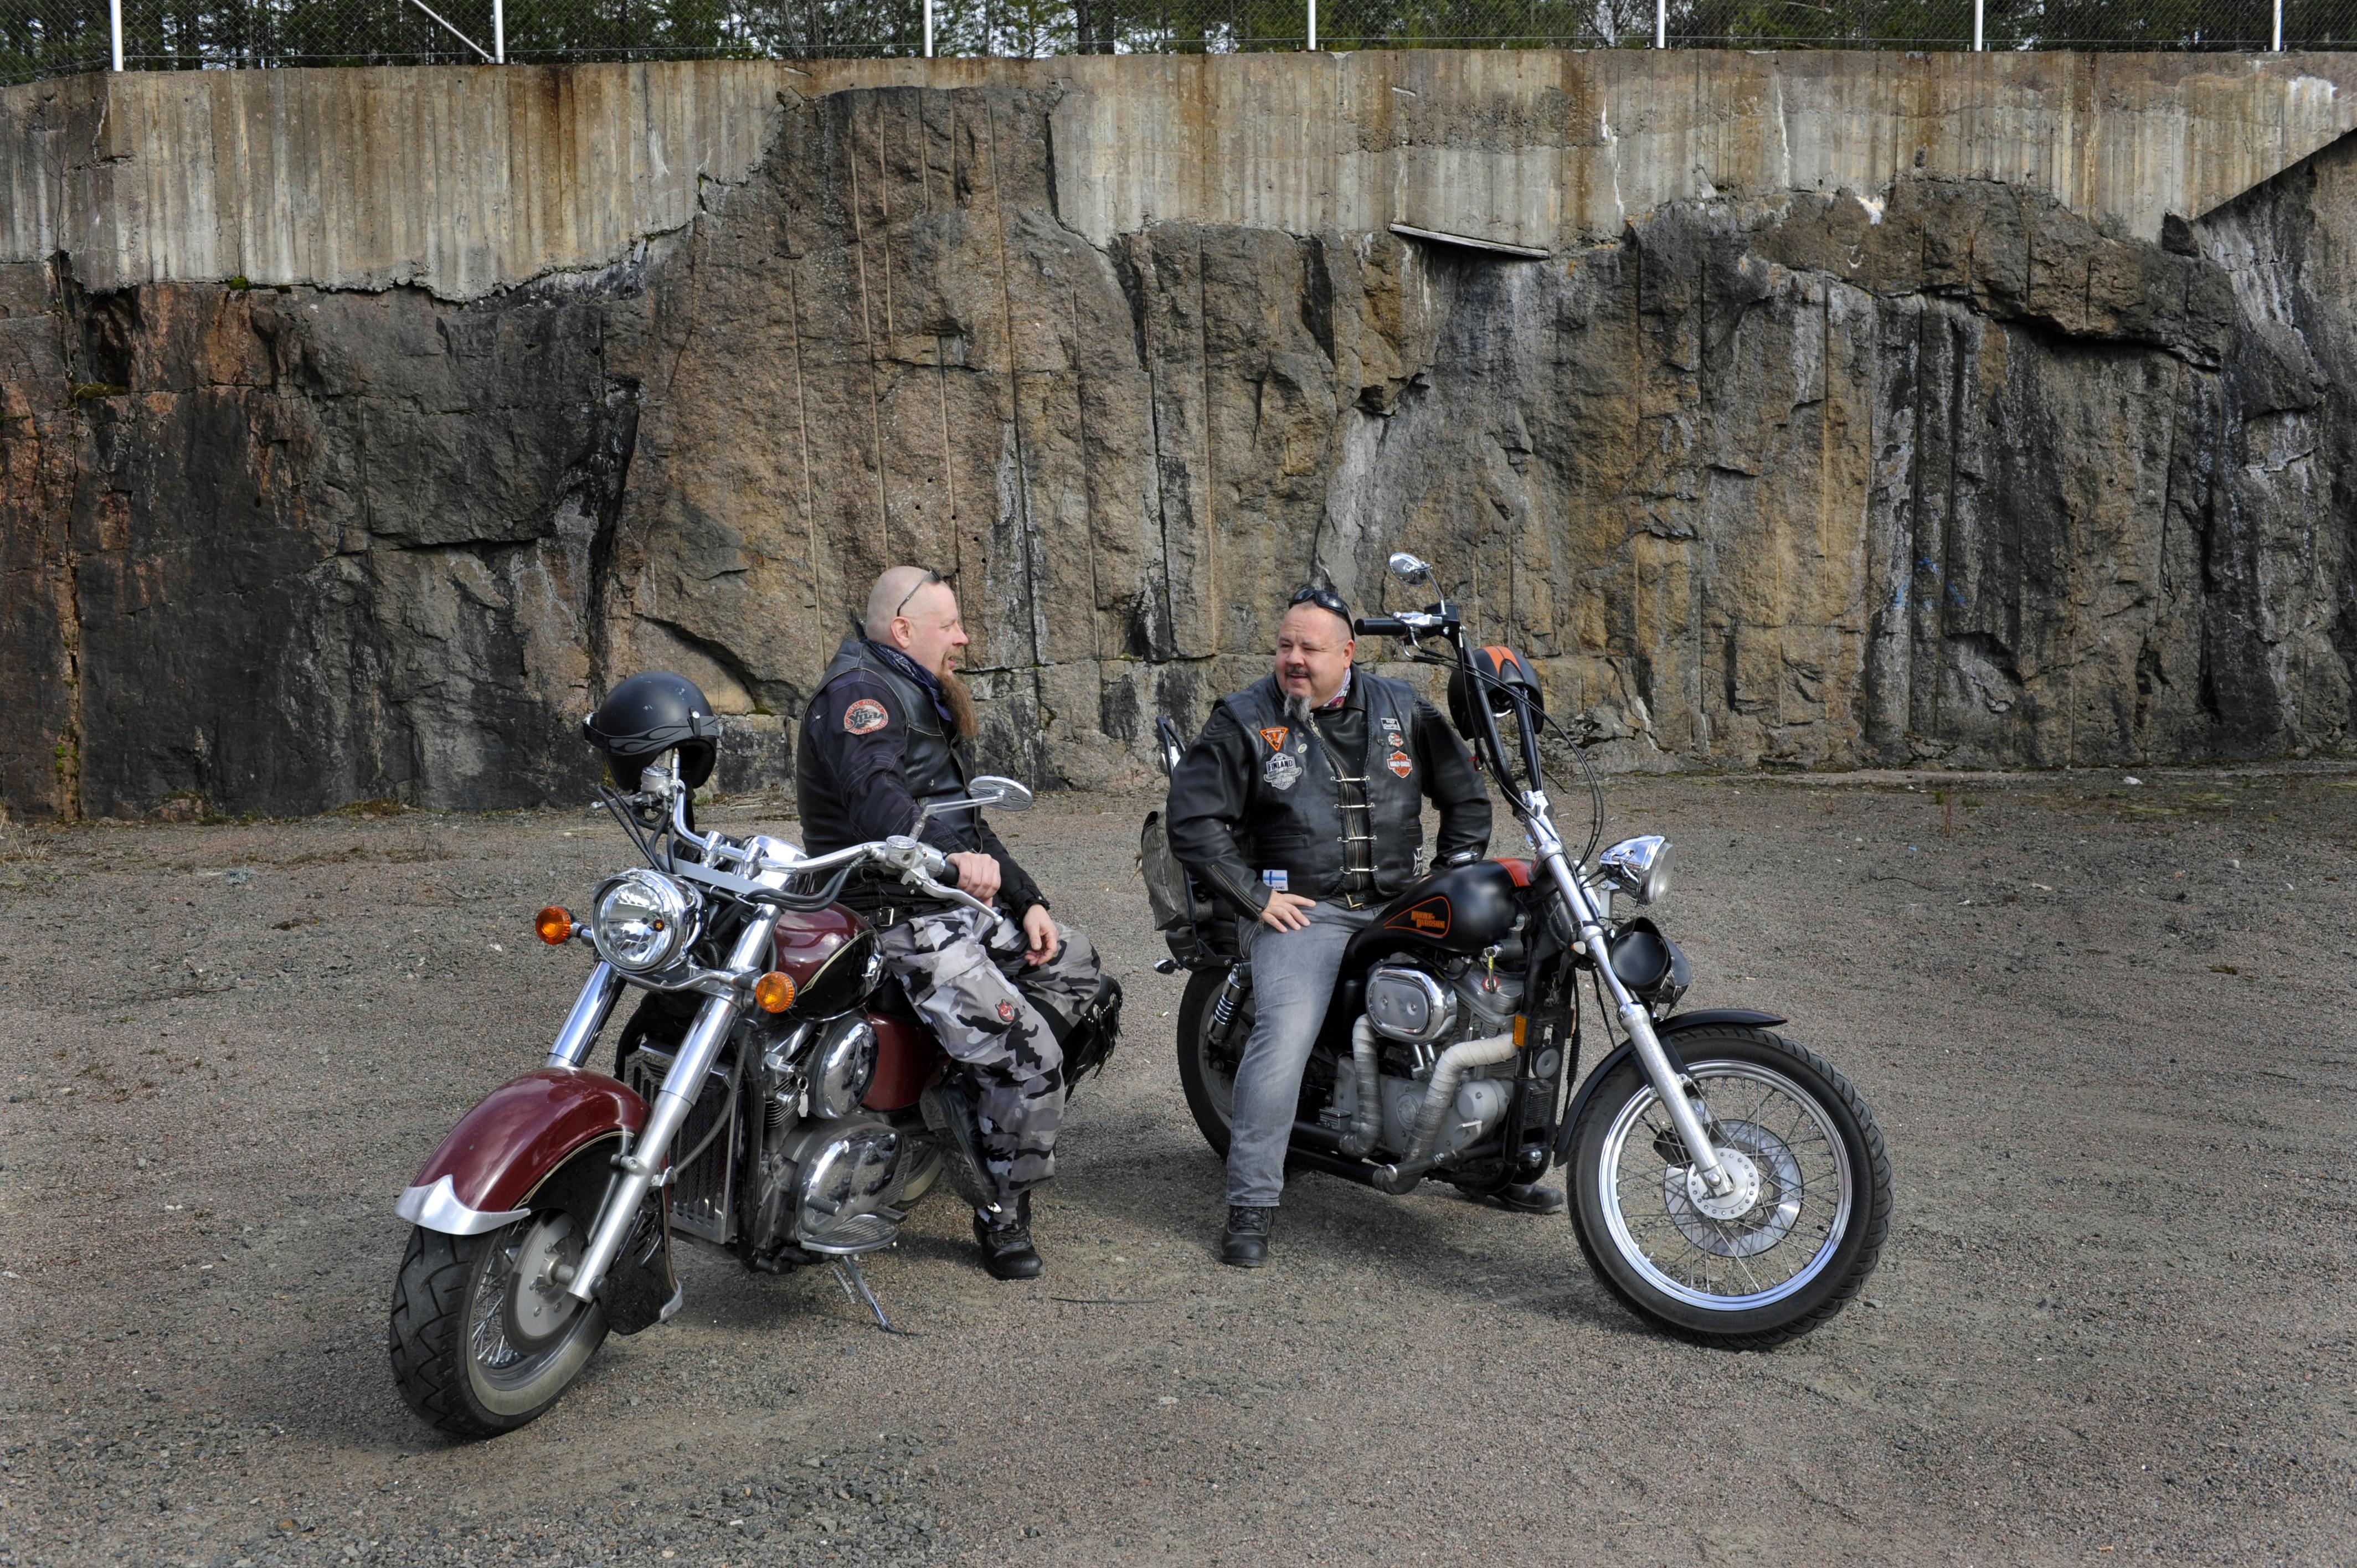 Mika Rutanen ja Vesa Tolppala osallsituvat välillä kokoontumisajoihin tai ajelevat muuten vaan.